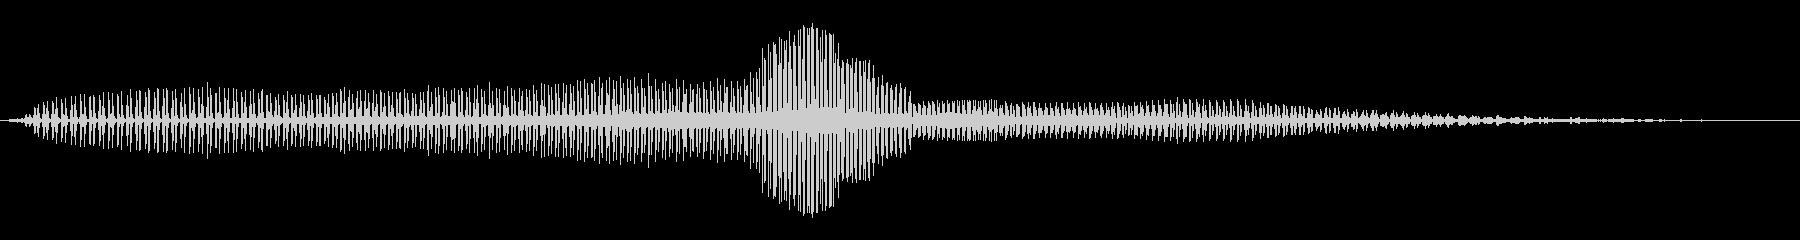 シミュレーションによるハーレーオー...の未再生の波形